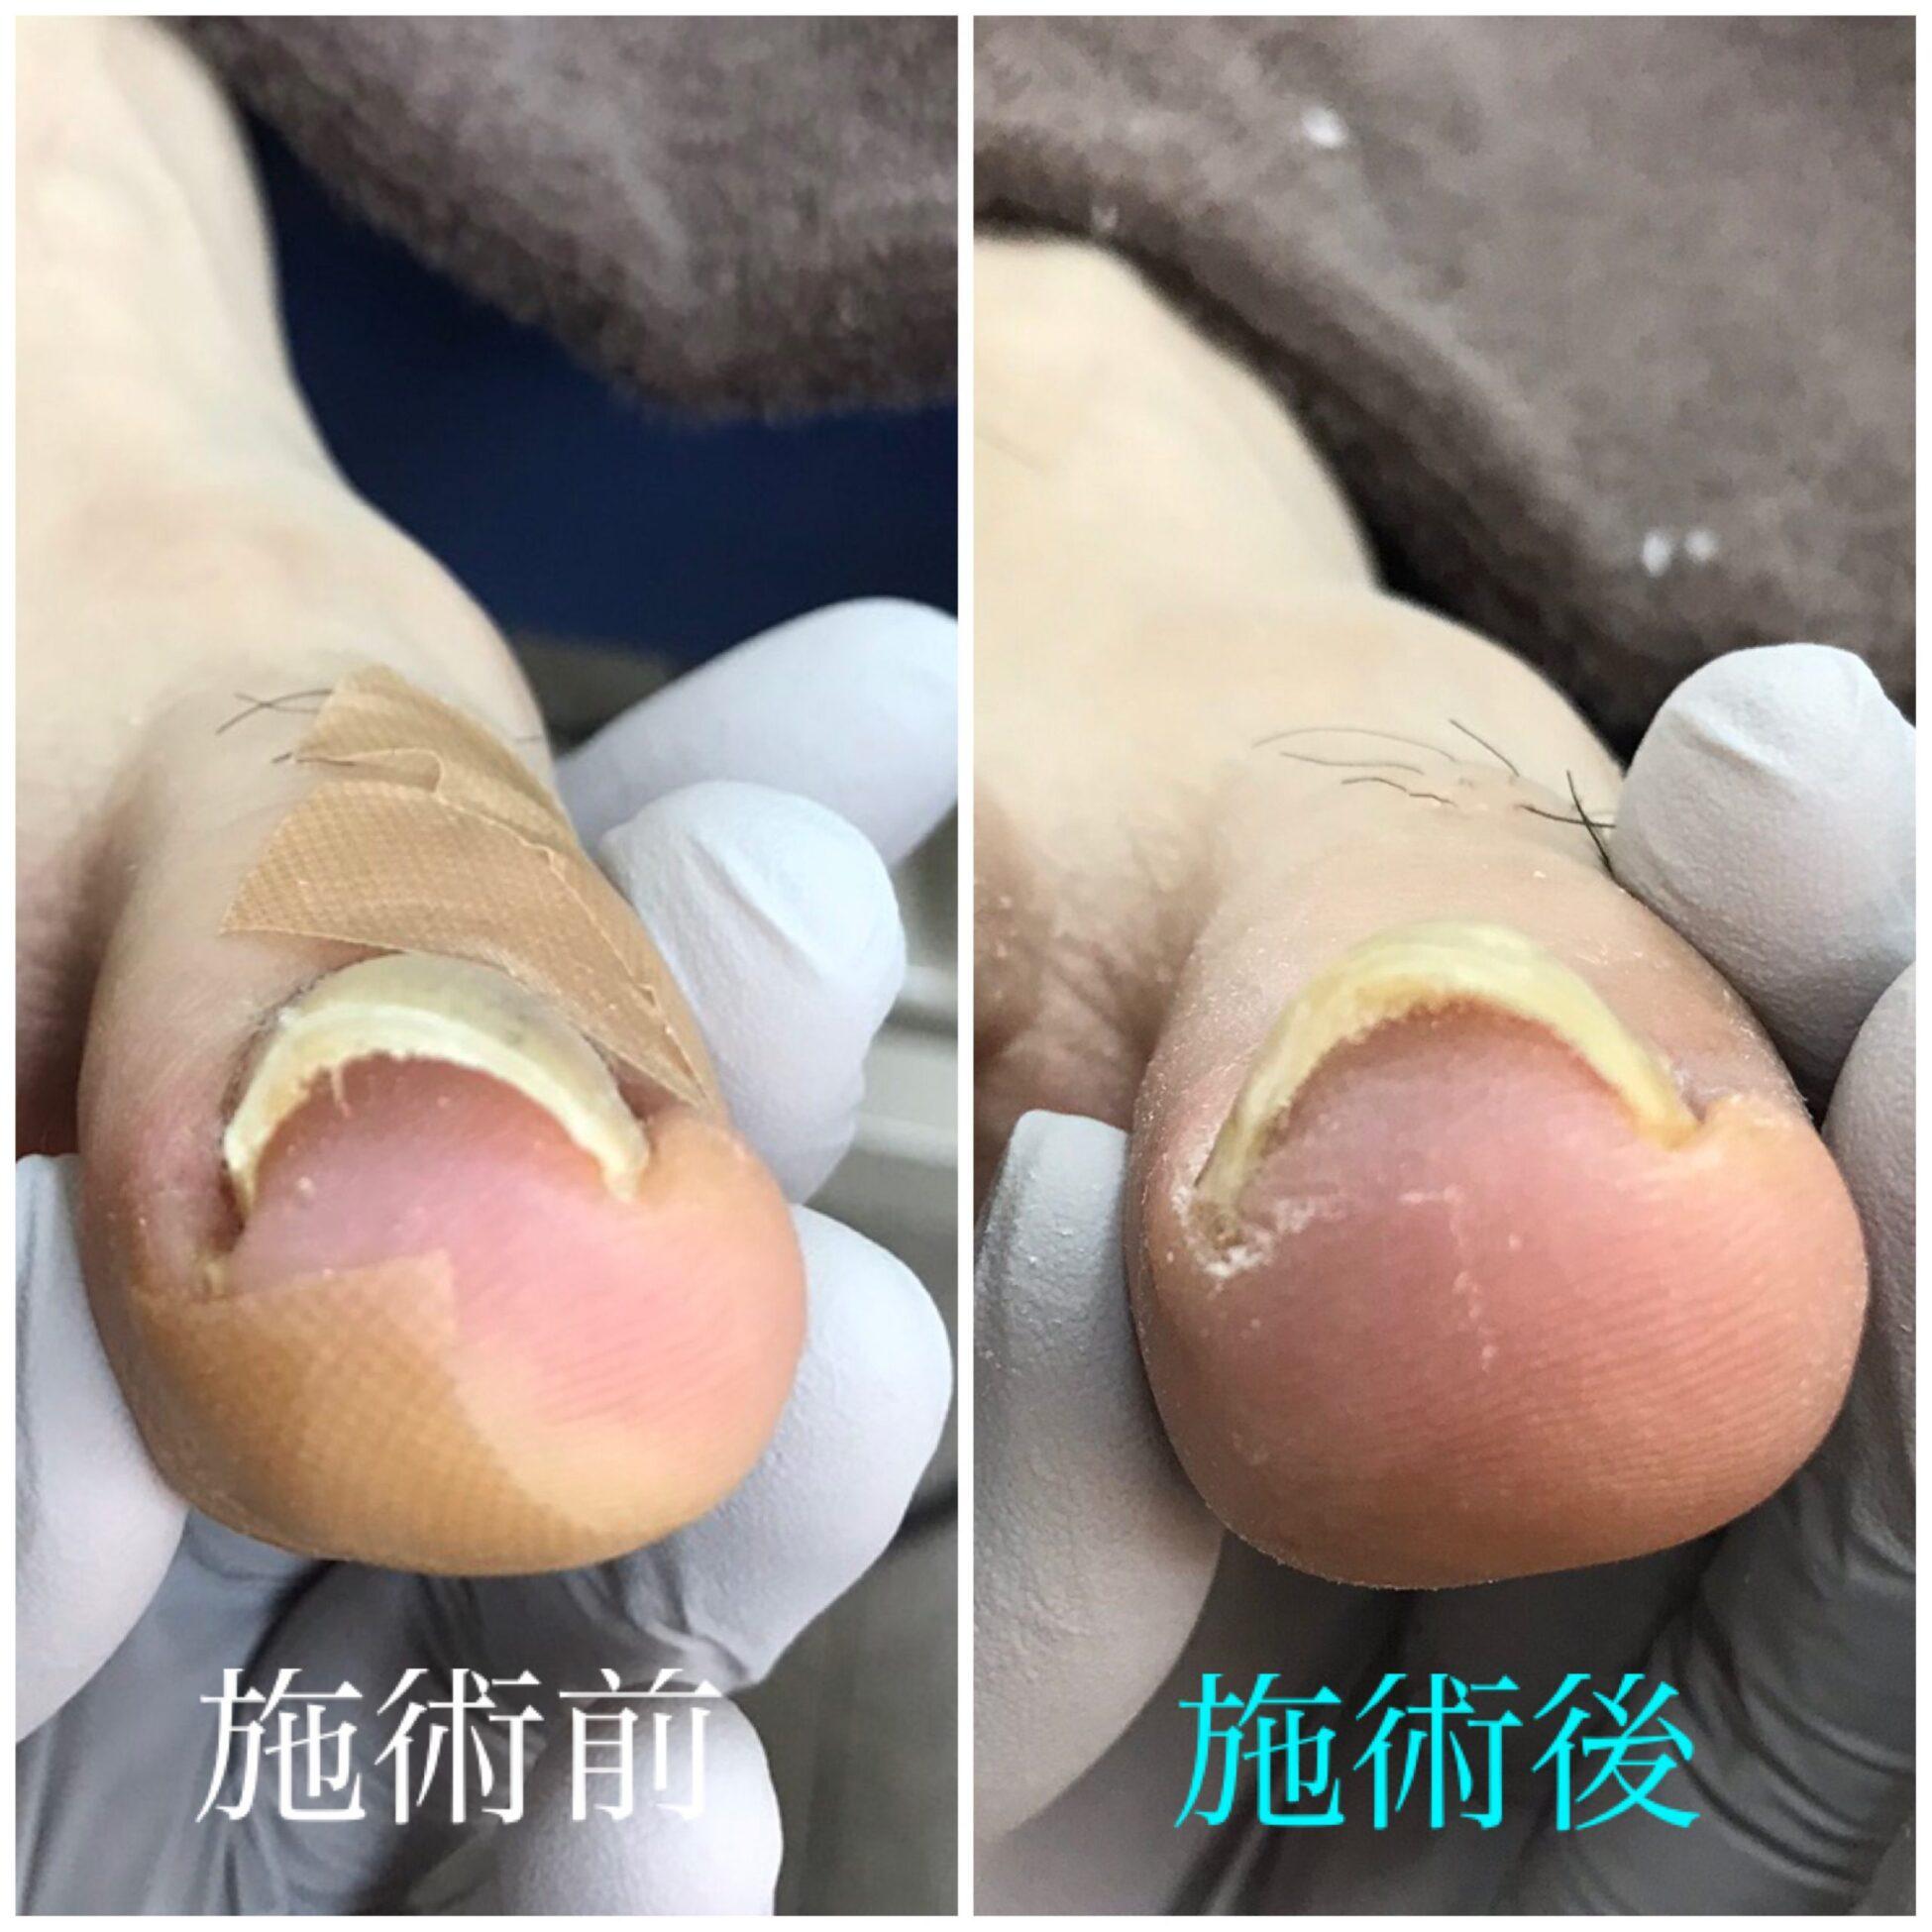 【金沢巻き爪】症例vol.24①靴による巻き爪 ②歪んだ爪